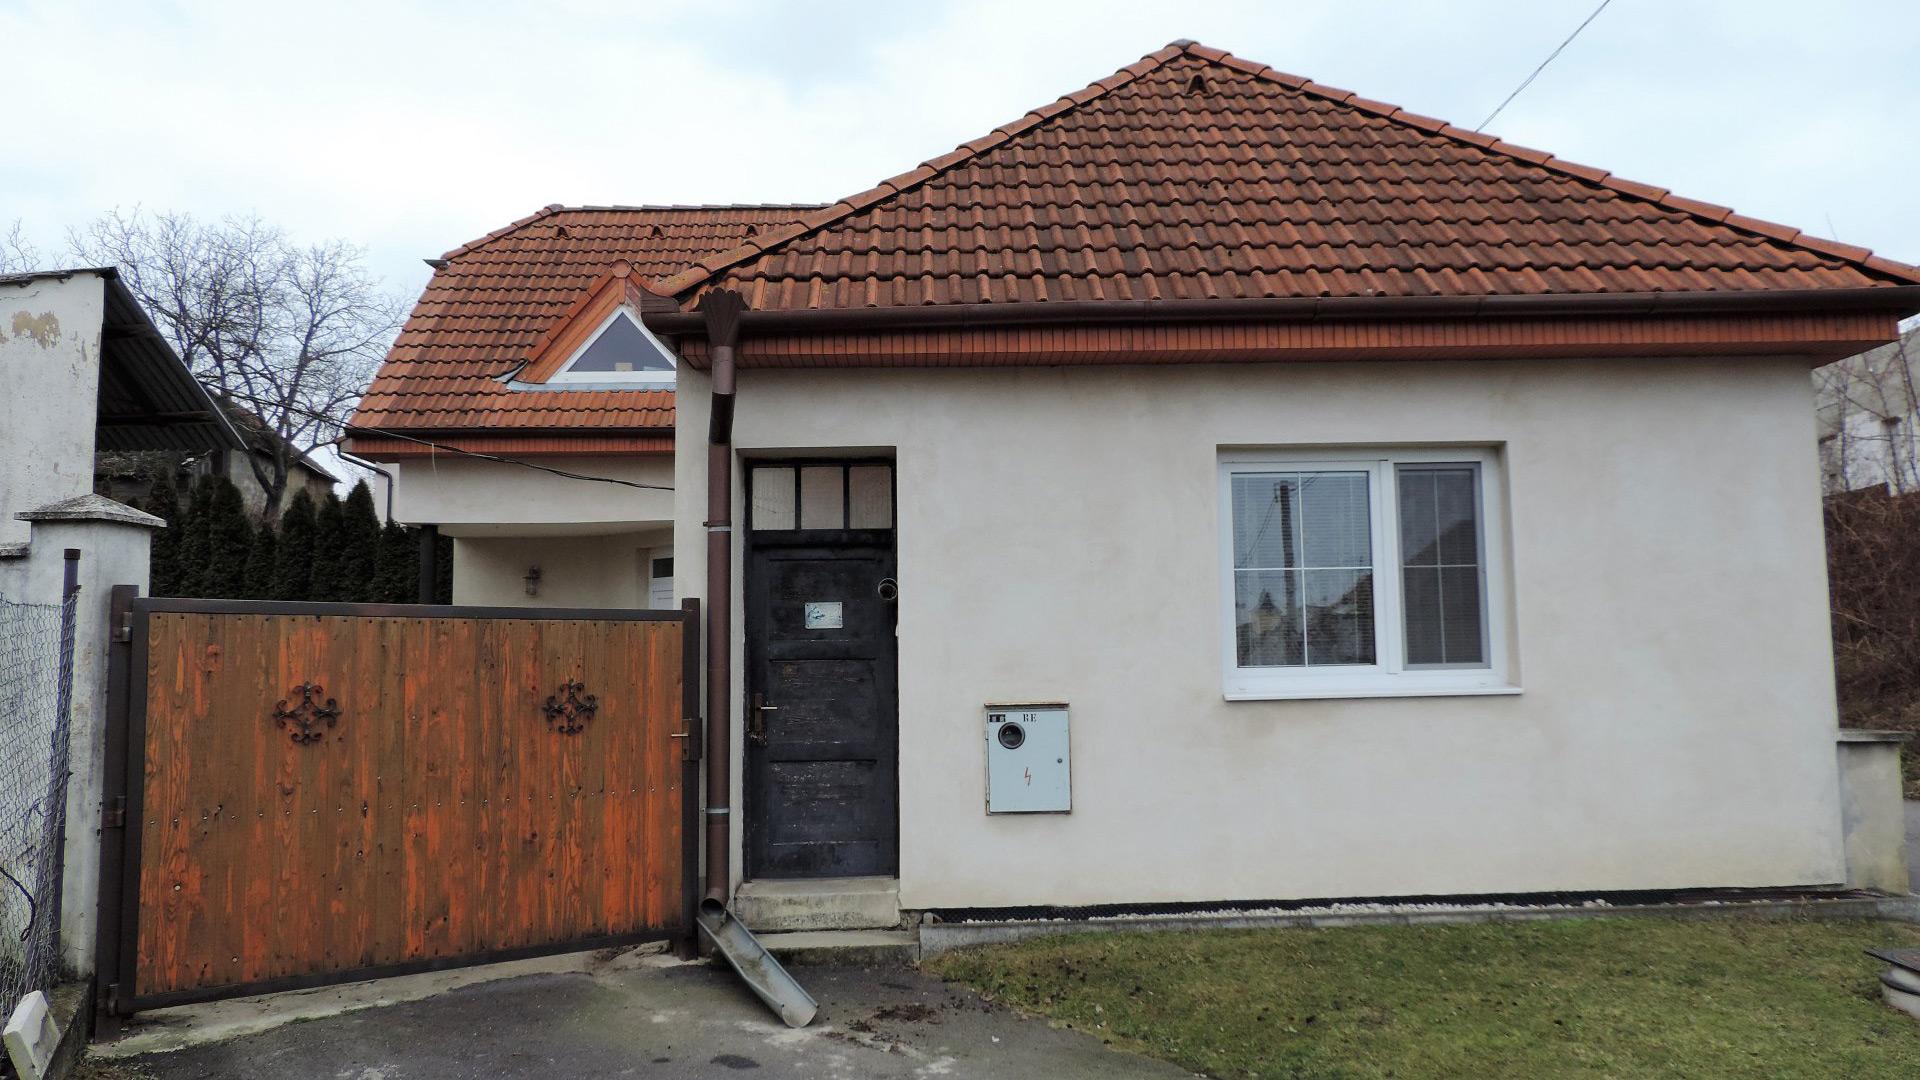 Predaj zrekonštruovaného rodinného domu vo Veľkých Kostoľanoch